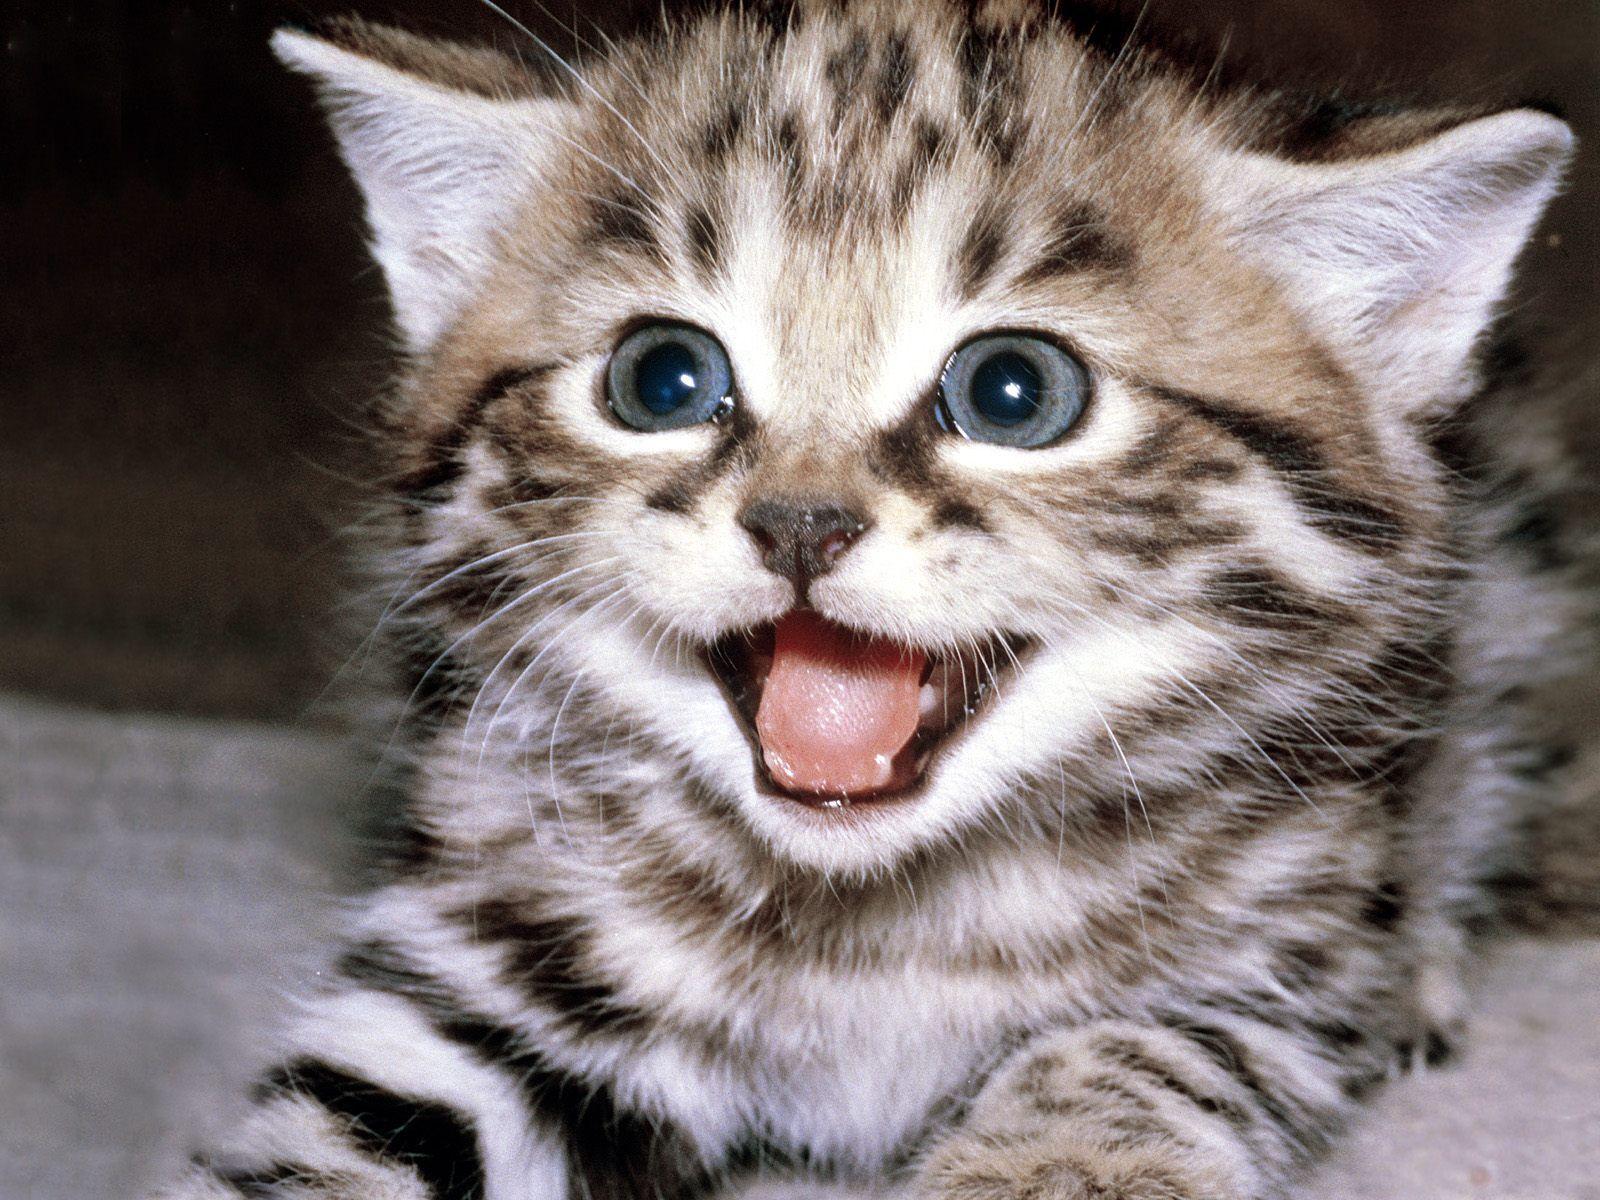 Funny Battle Cats Wallpaper